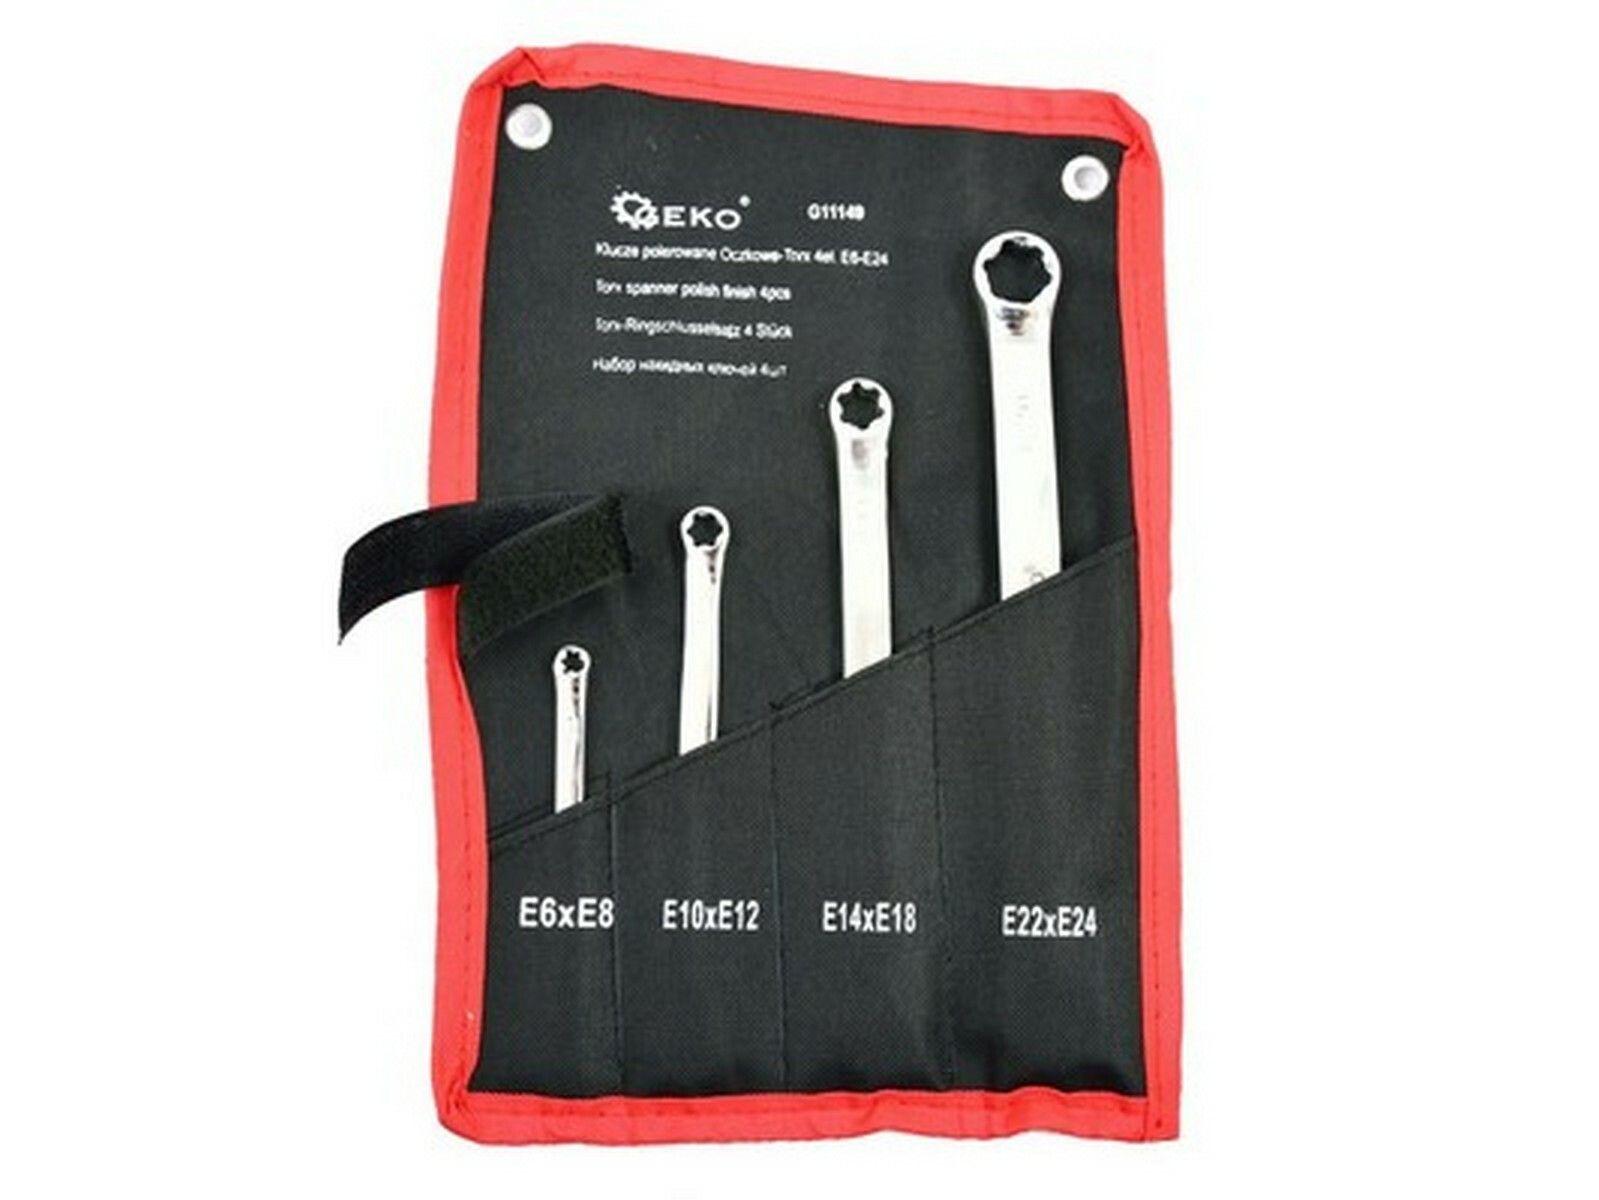 Sada klíčů TORX, 4ks, E6-E24 GEKO